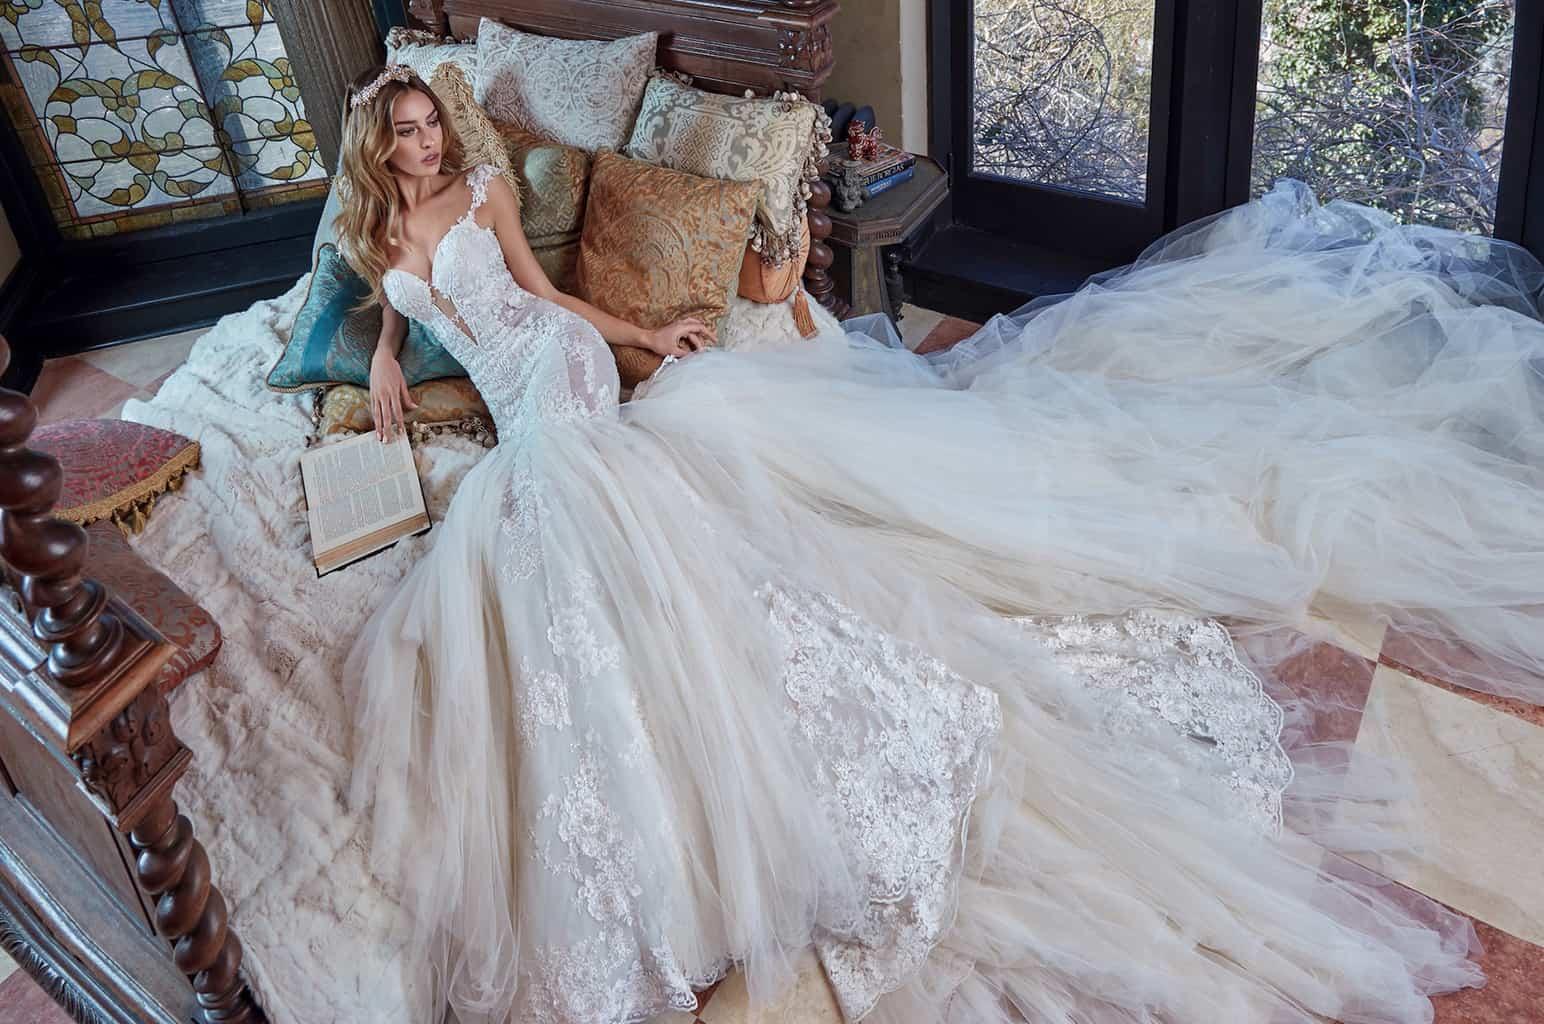 マグノリア・ホワイトから新作のウェディングドレスが登場!ガリア・ラハヴや日本初上陸のブランドものカバー写真